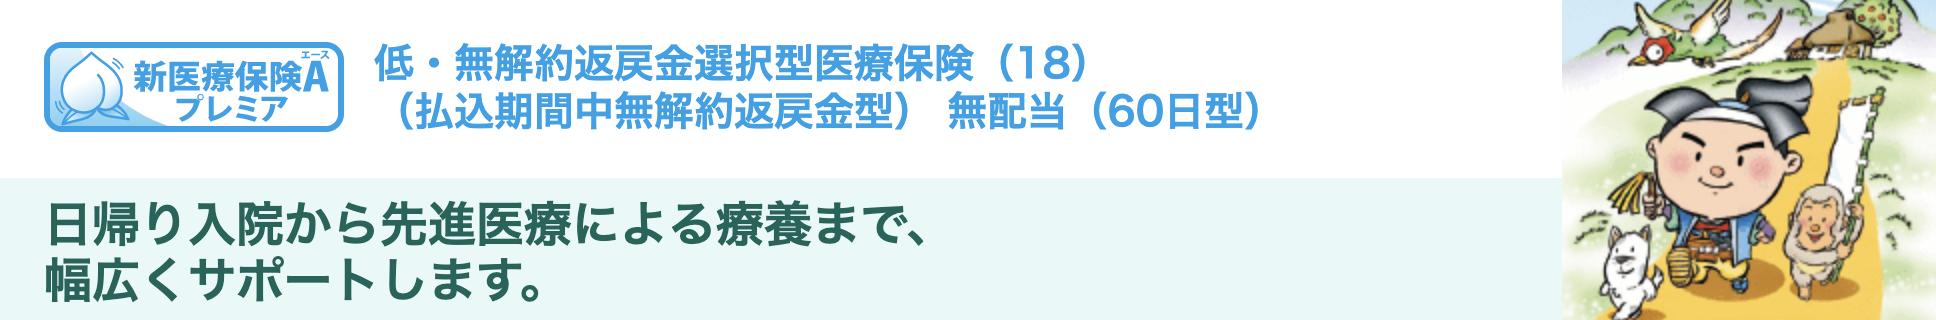 三井住友海上あいおい生命 新医療保険Aプレミア 介護重点プランの詳細